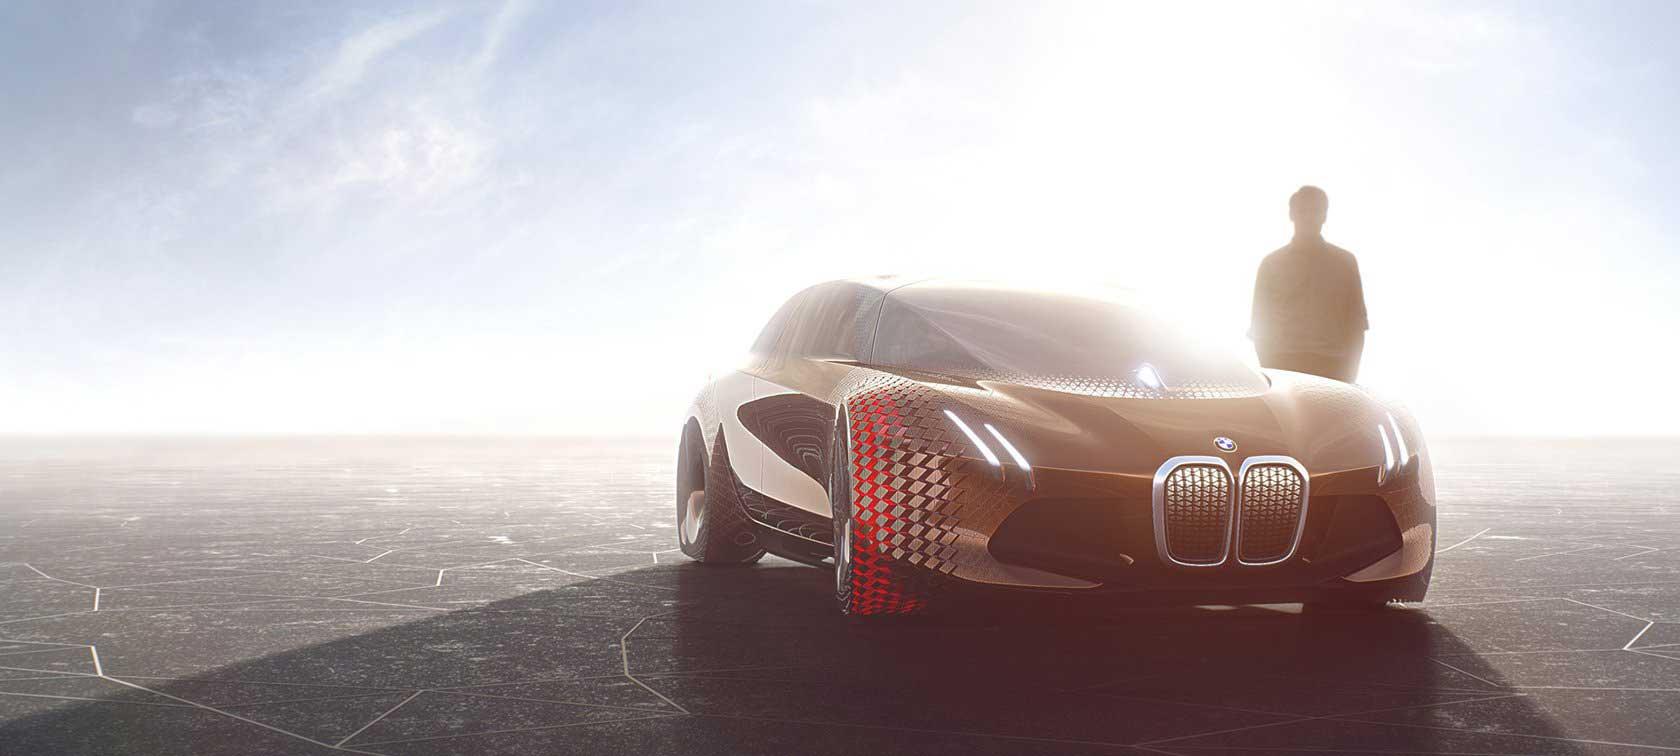 BMW - 100 Anni di storia